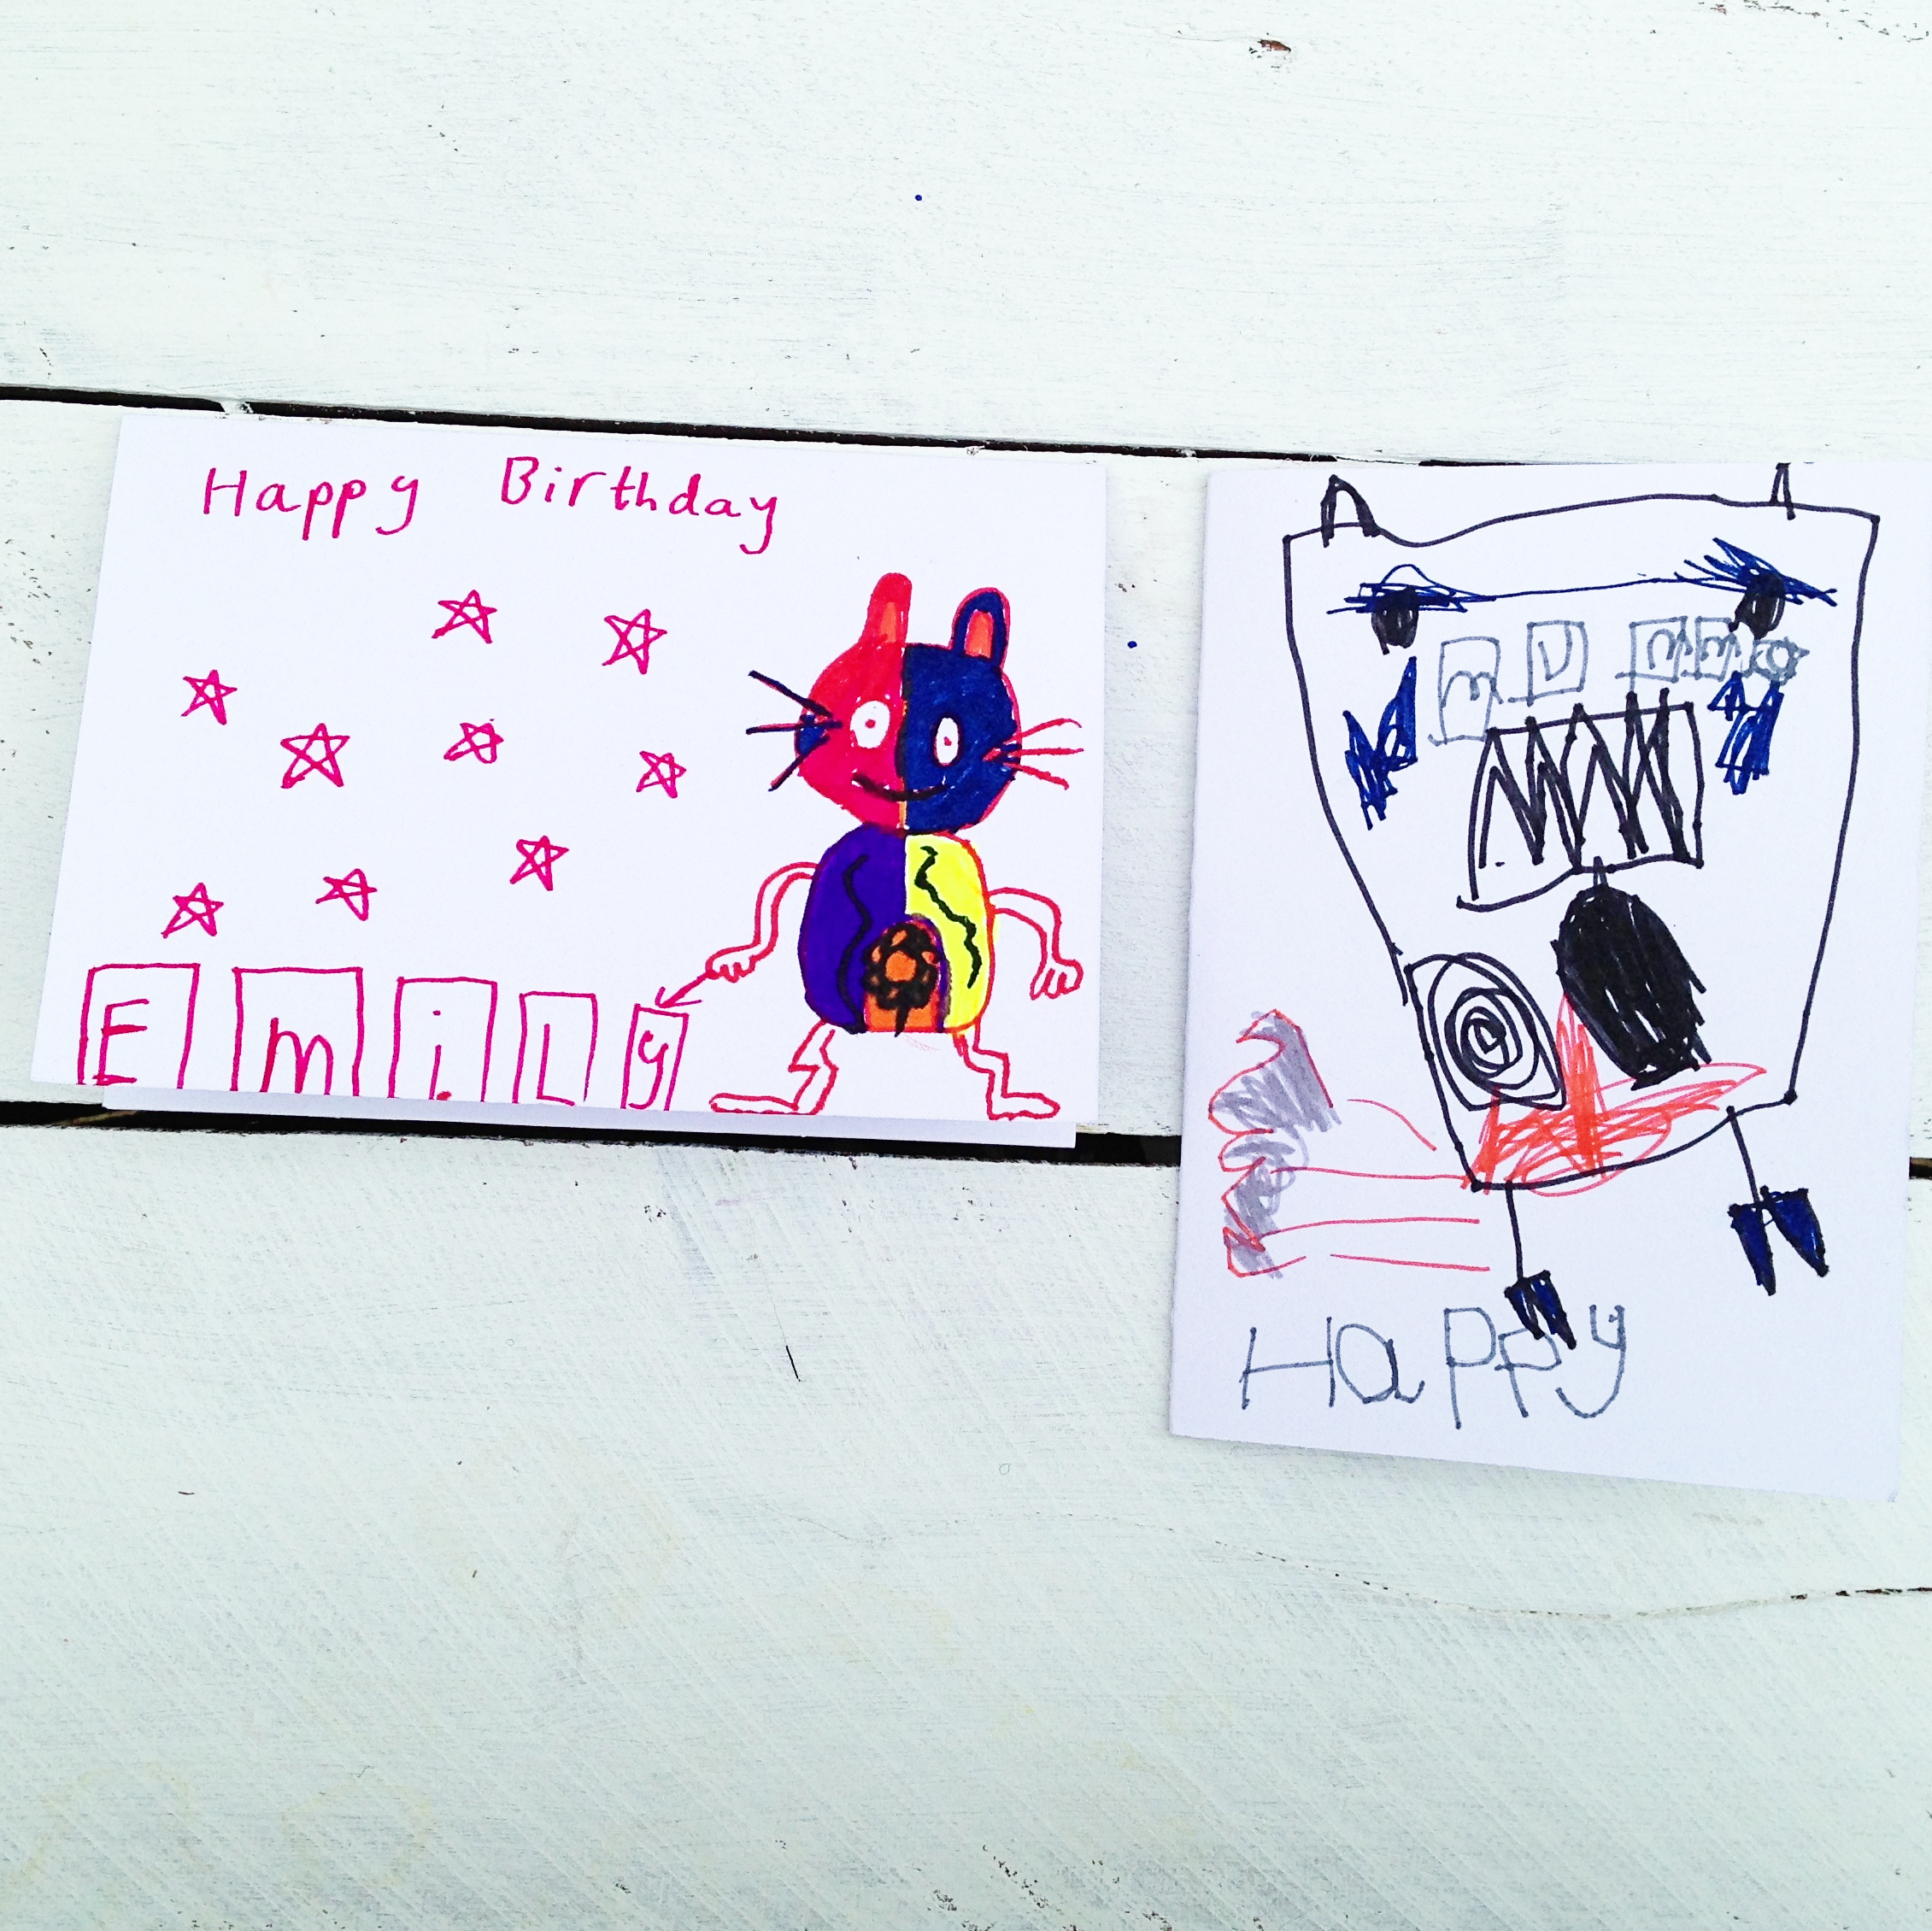 birthdaycards 006.jpg